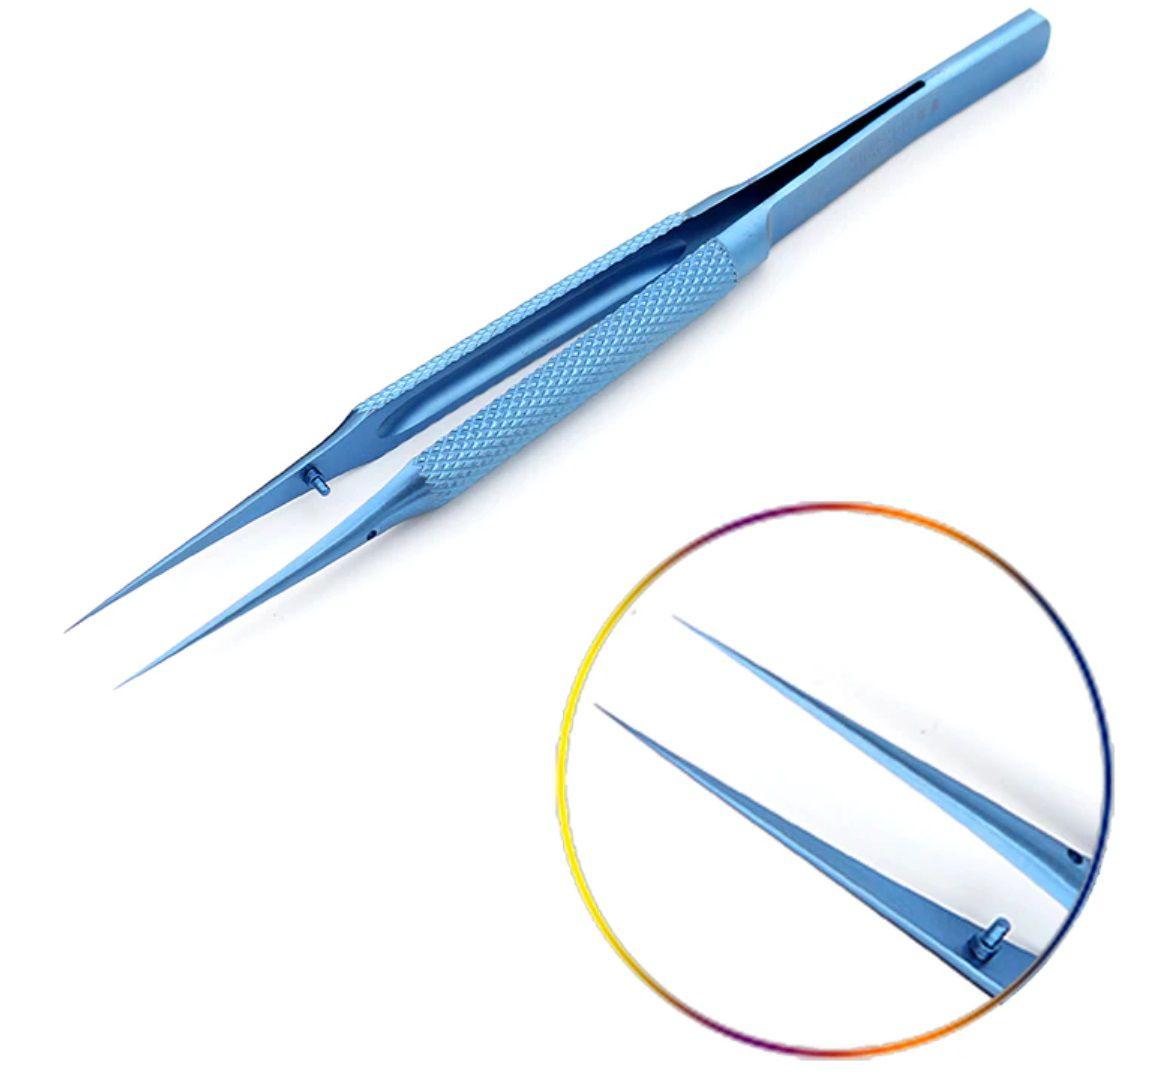 Pinça De Titanio Original Azul Antiestática Reta ou Curva Bt11 Anúncio com variação titânio